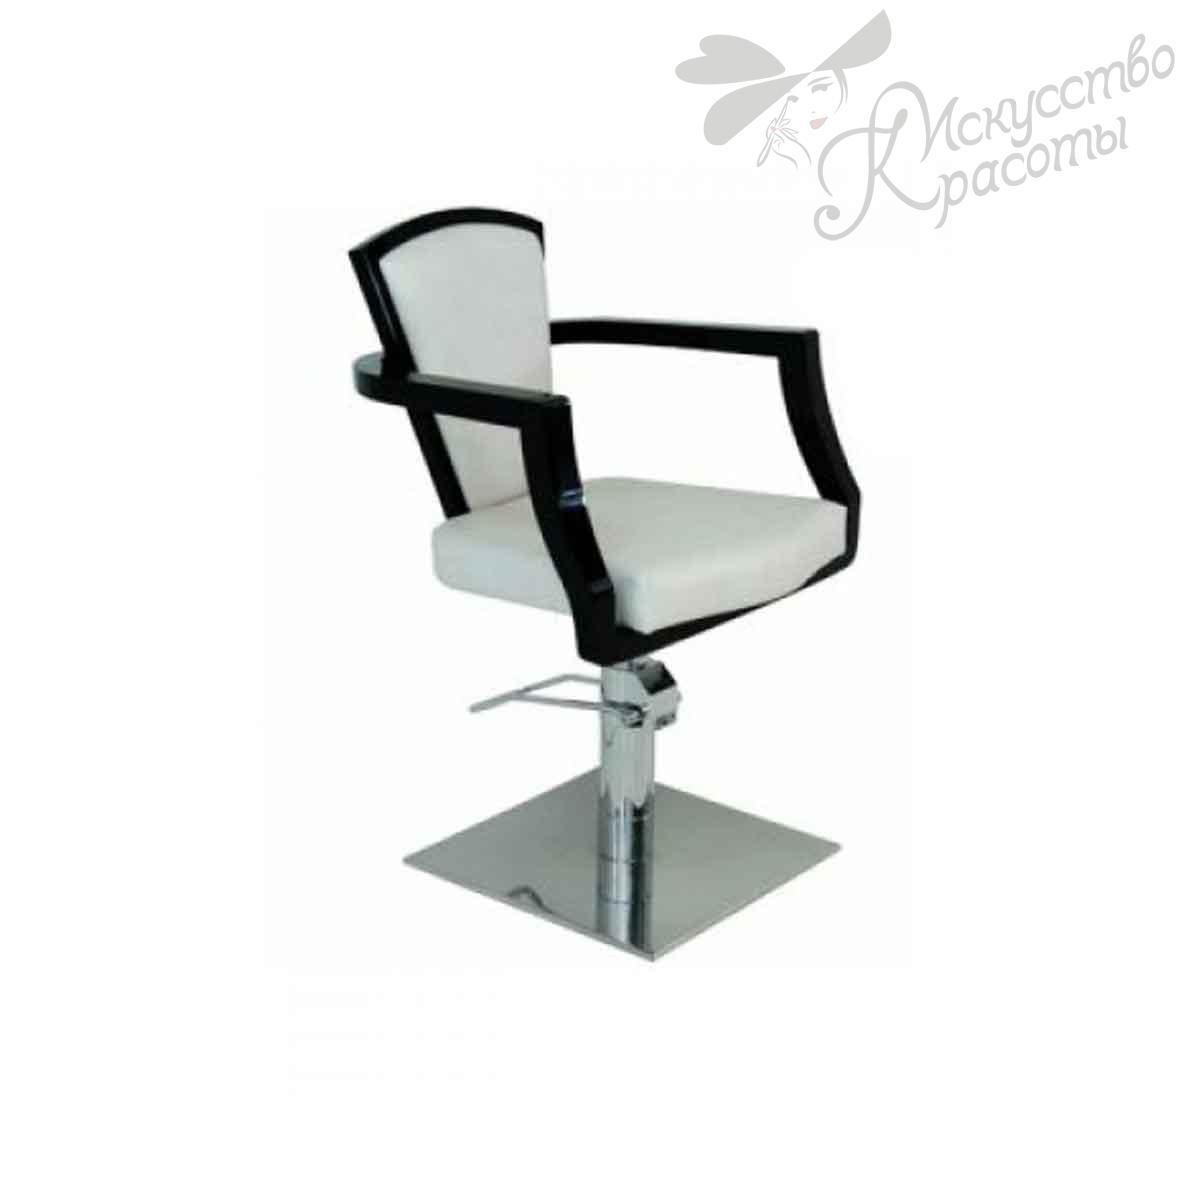 Парикмахерское кресло Кинг Люкс гидравлика